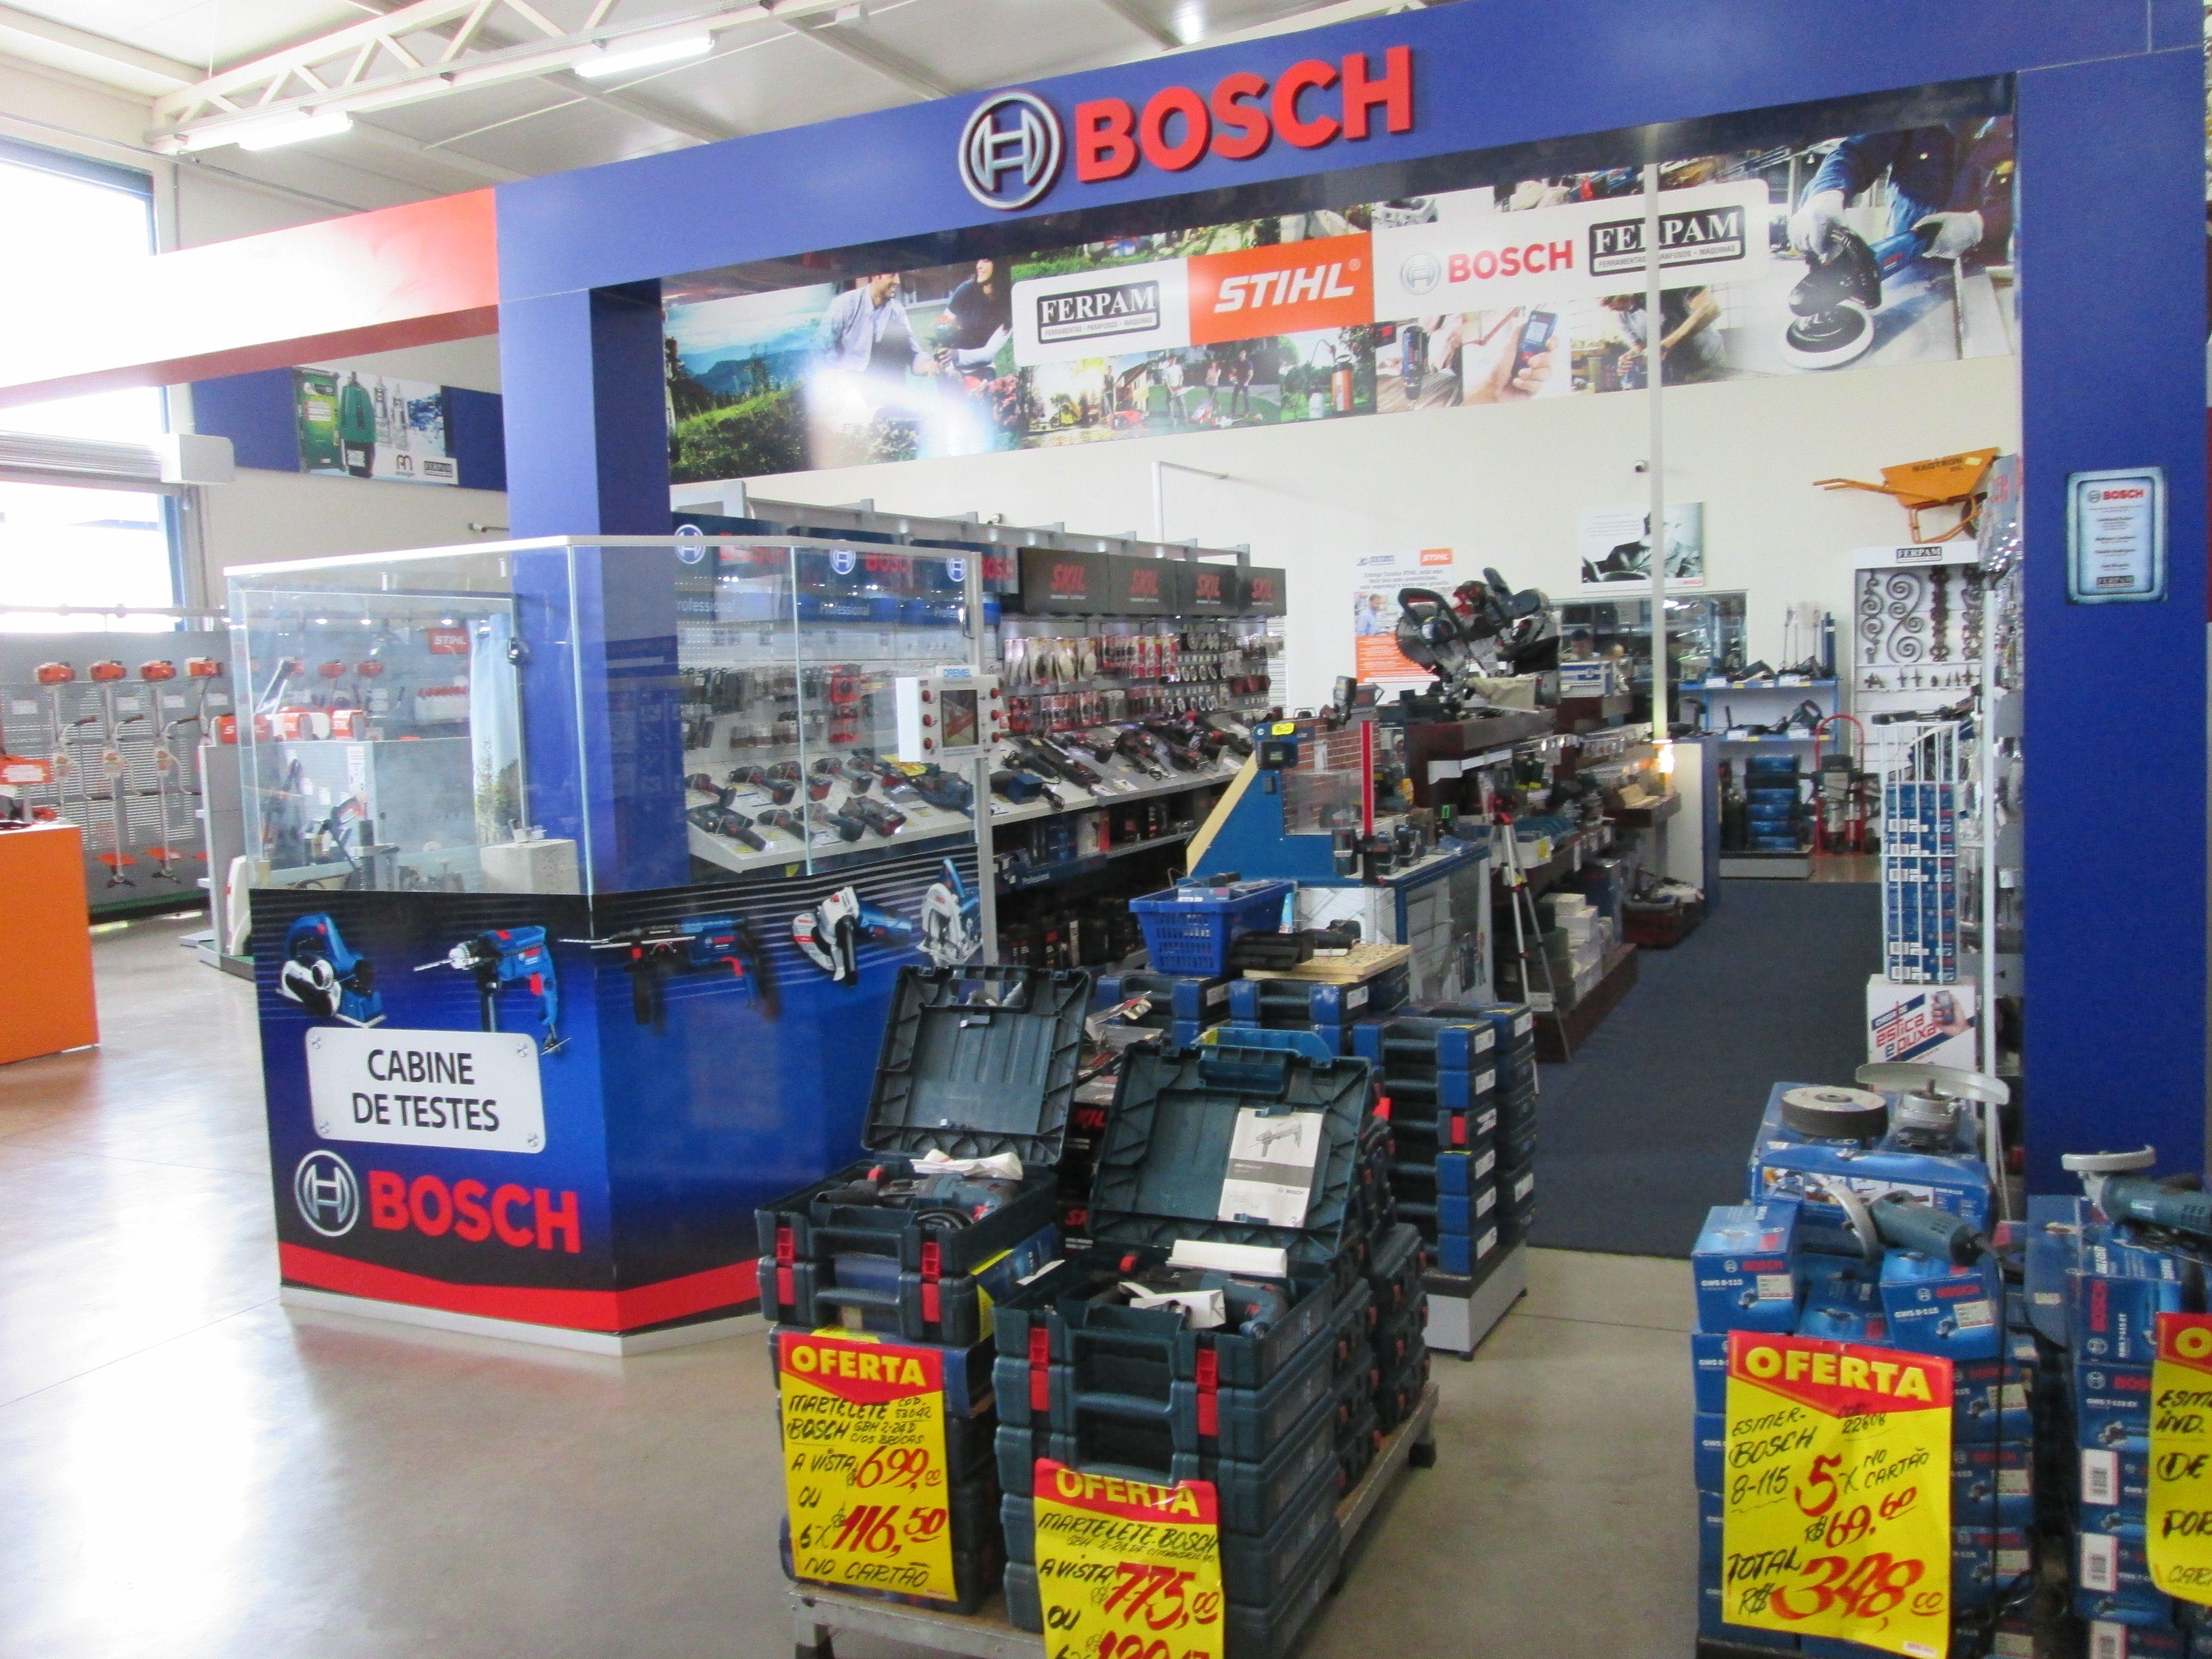 Ferramentas Eletricas Bosch Ferramentas Layoutdelojas